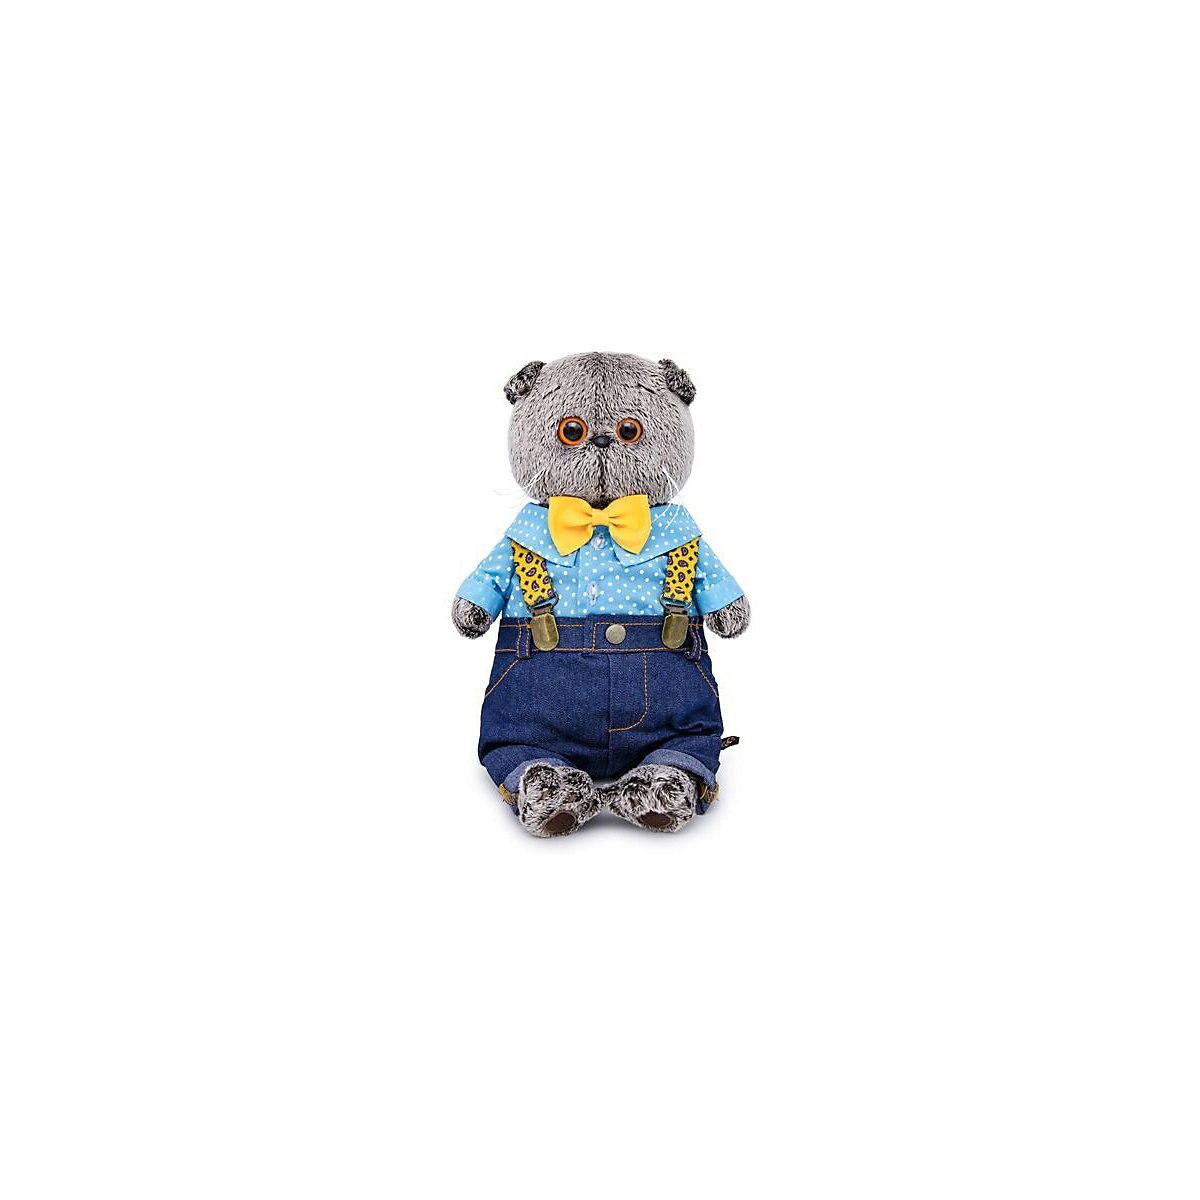 Animales de peluche y felpa 11090664 juguete para niños y niñas juguetes suaves para bebés